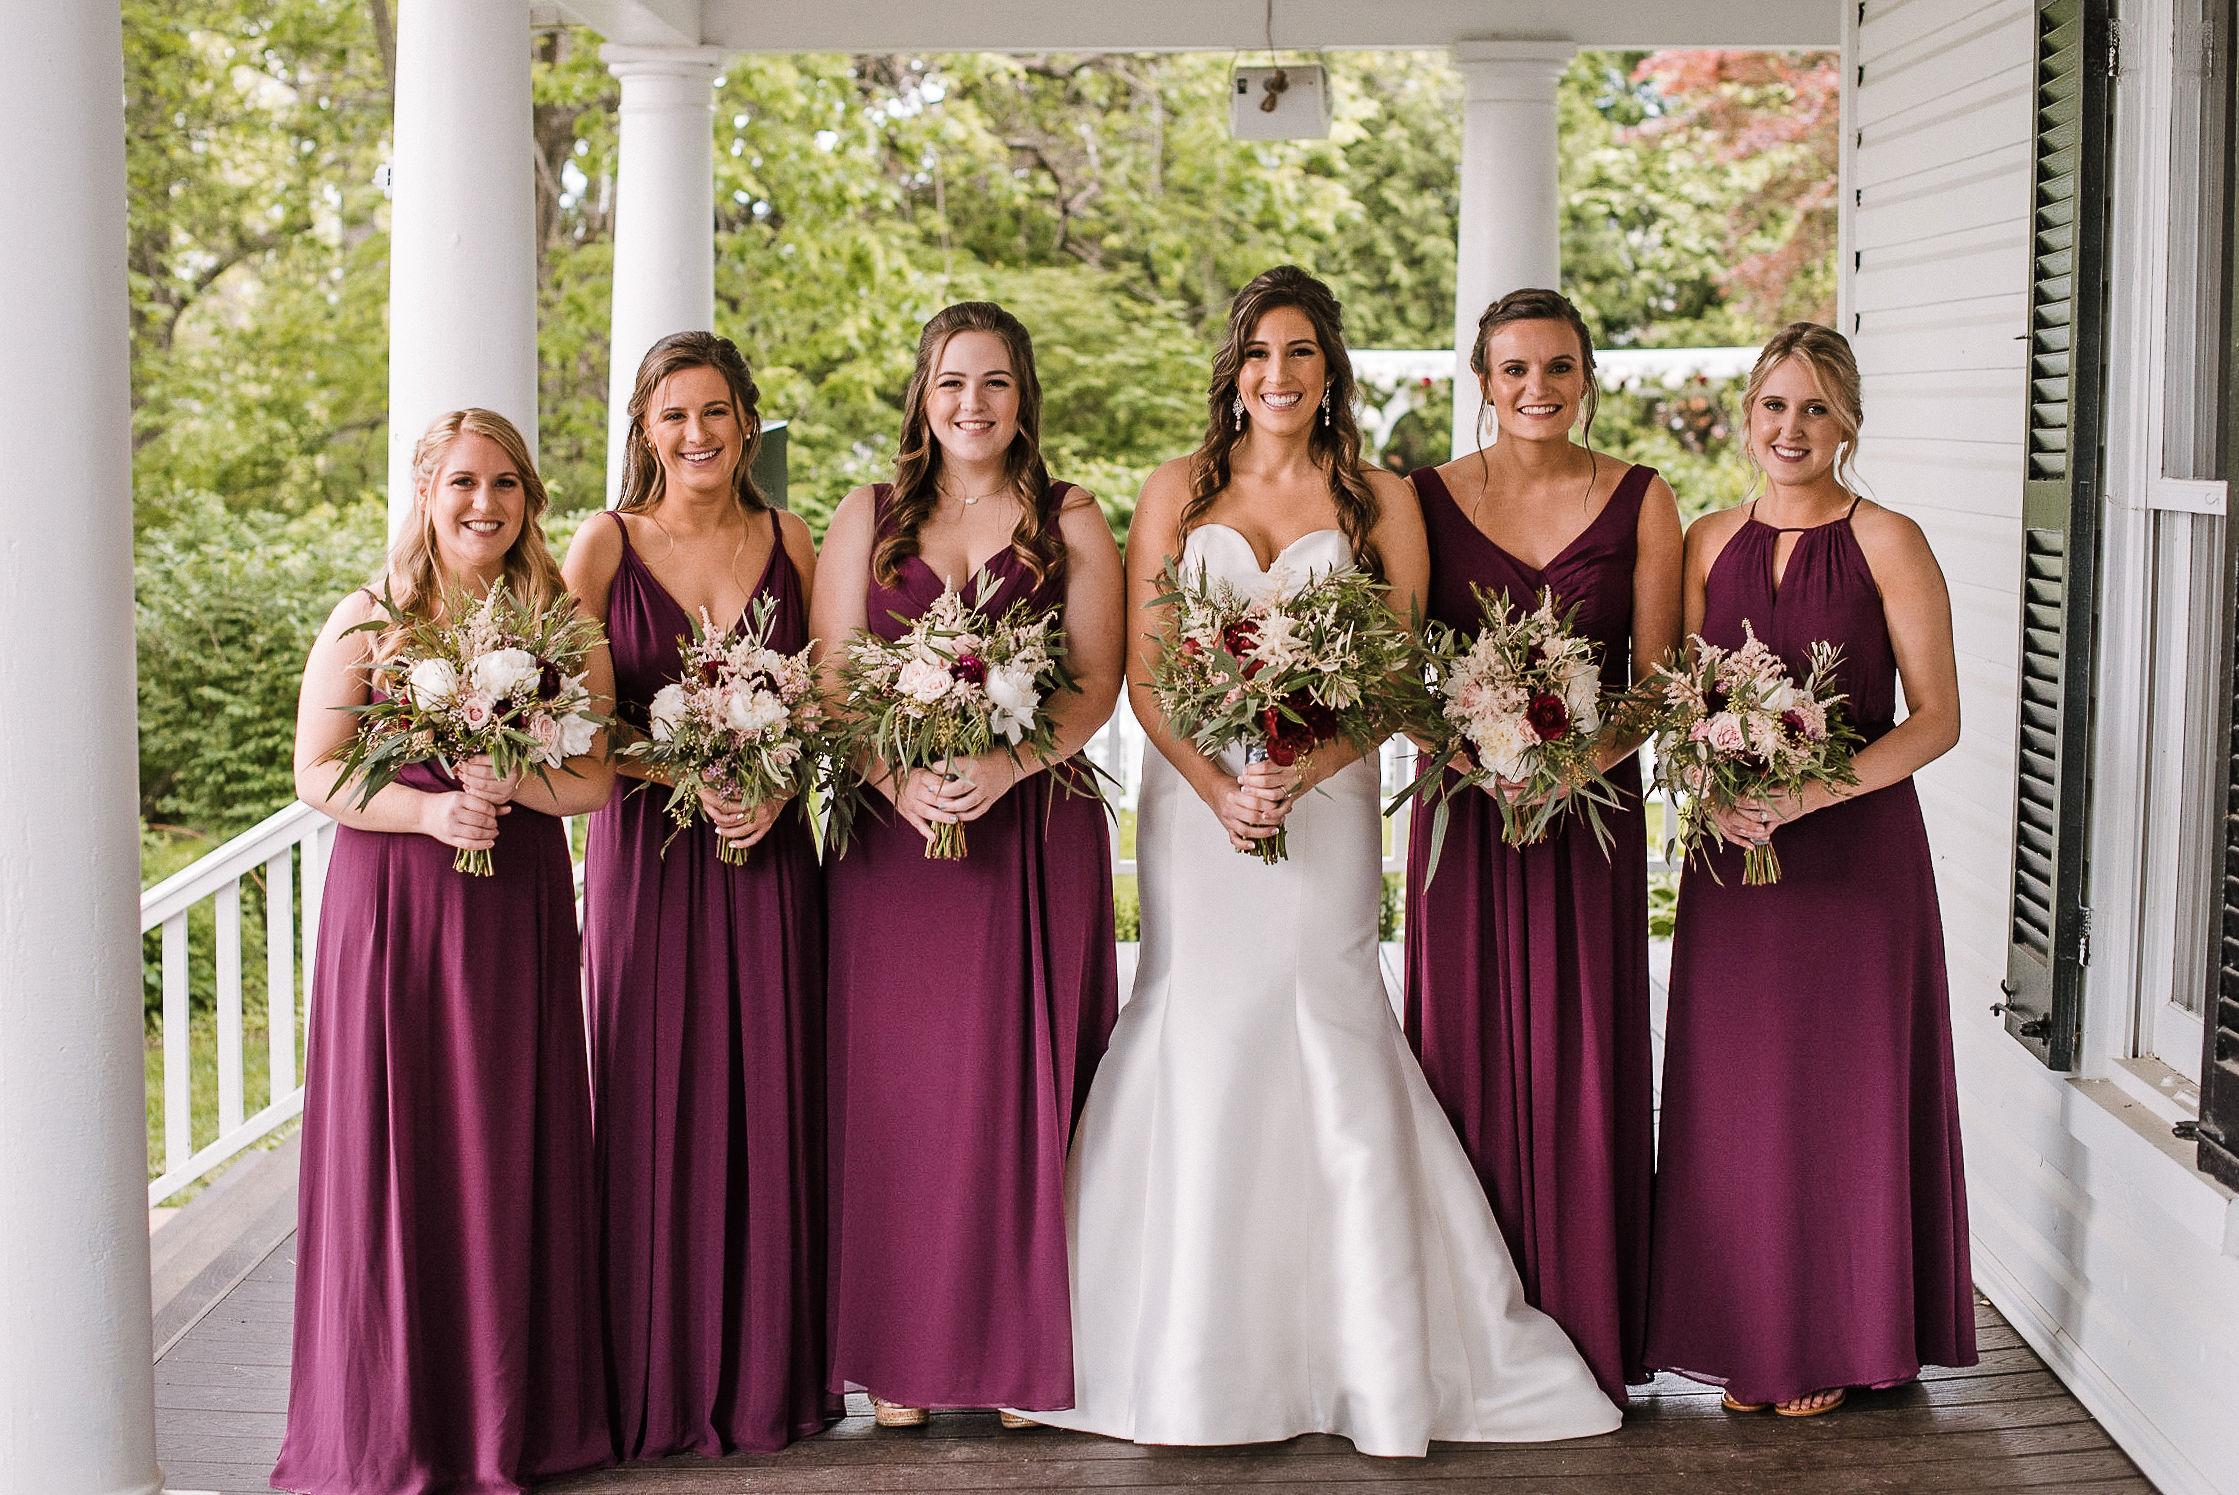 bride and bridesmaids smiling at Seasons at Magnolia Manor